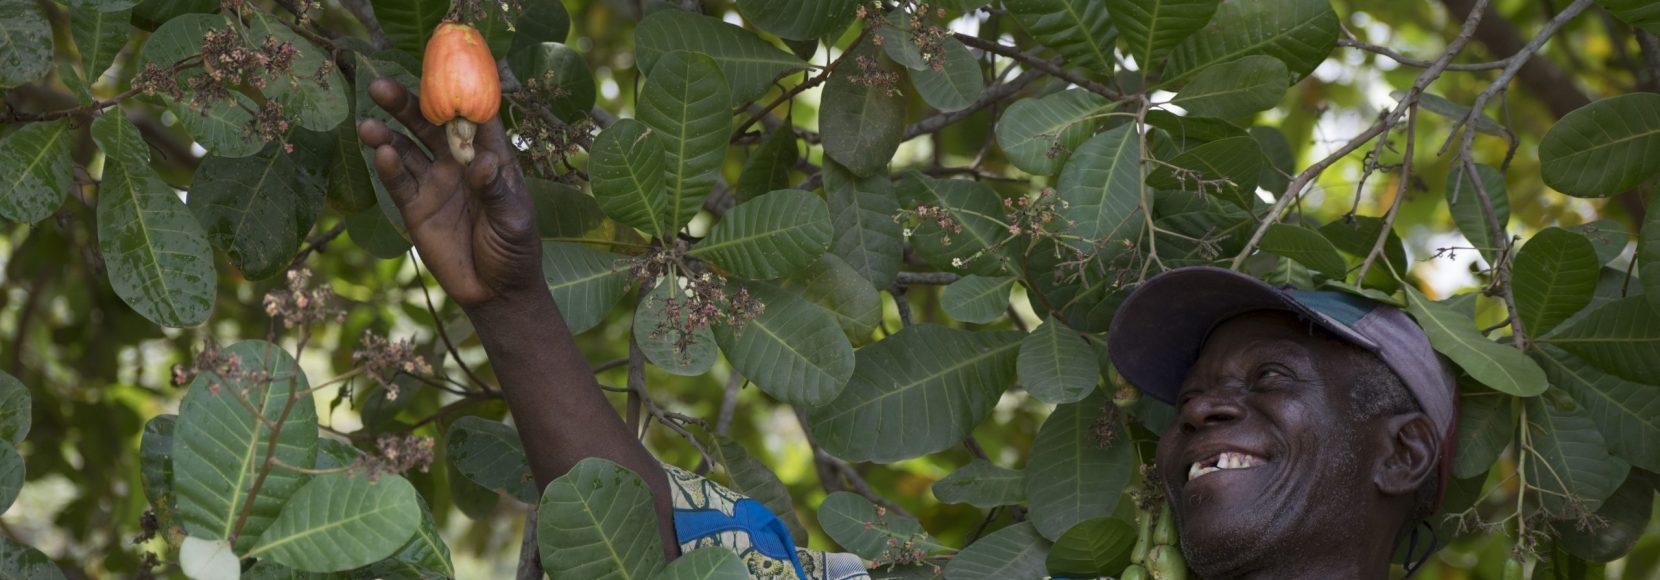 A man picks a cashew apple from a tree in Benin